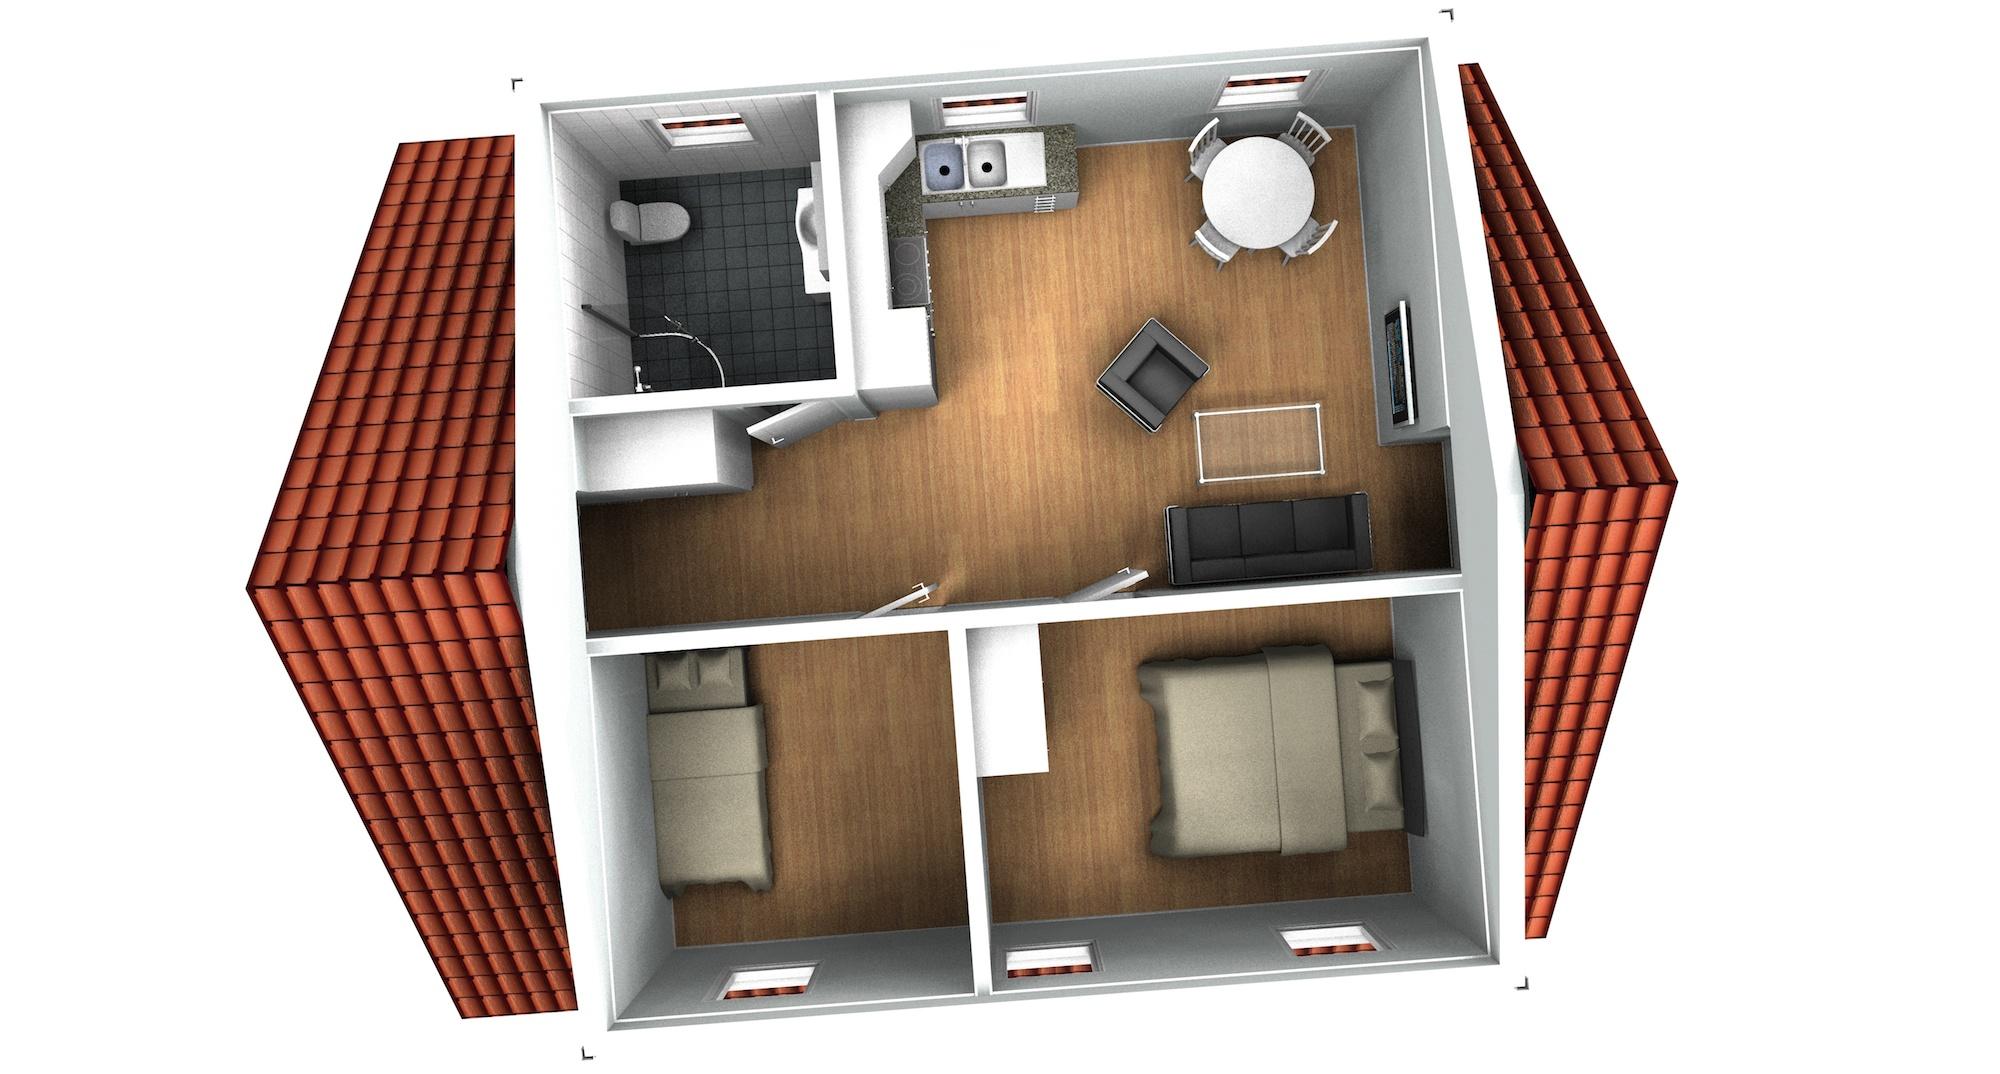 Garage med övervåning / lägenhet 2-plan, planskiss